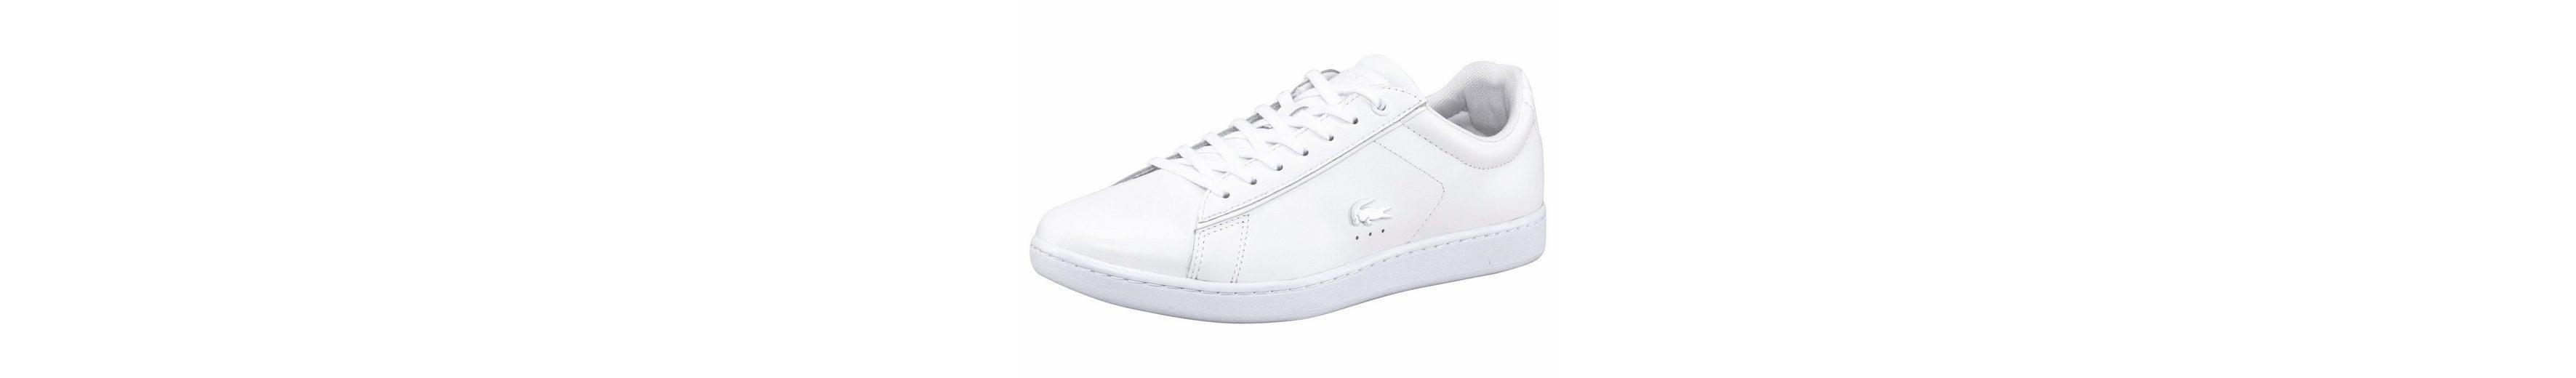 Lacoste Carnaby Evo 417 1 W Sneaker